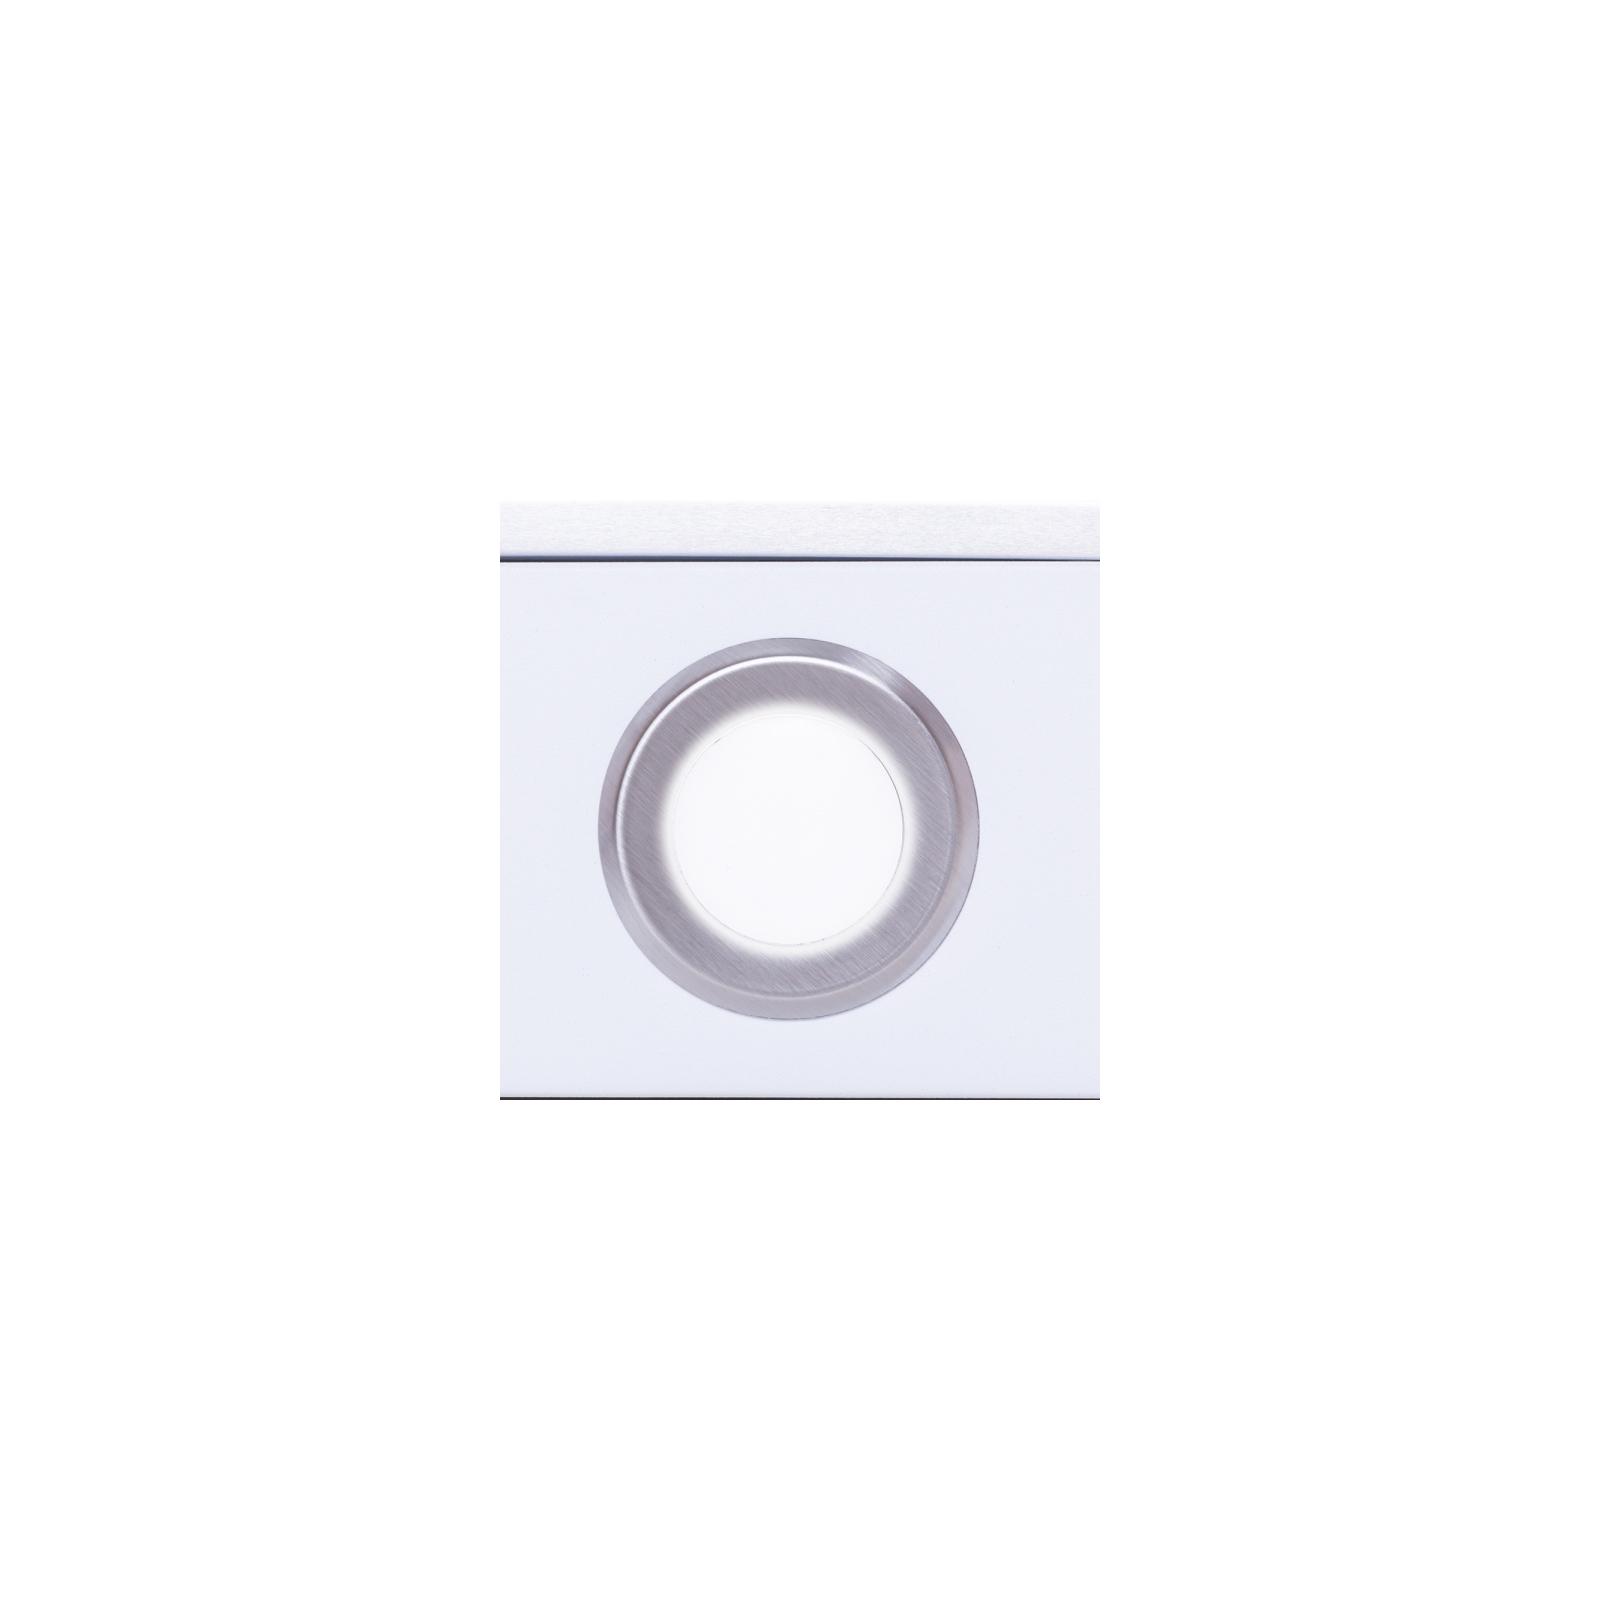 Вытяжка кухонная Perfelli TL 5212 C S/I 650 LED изображение 11